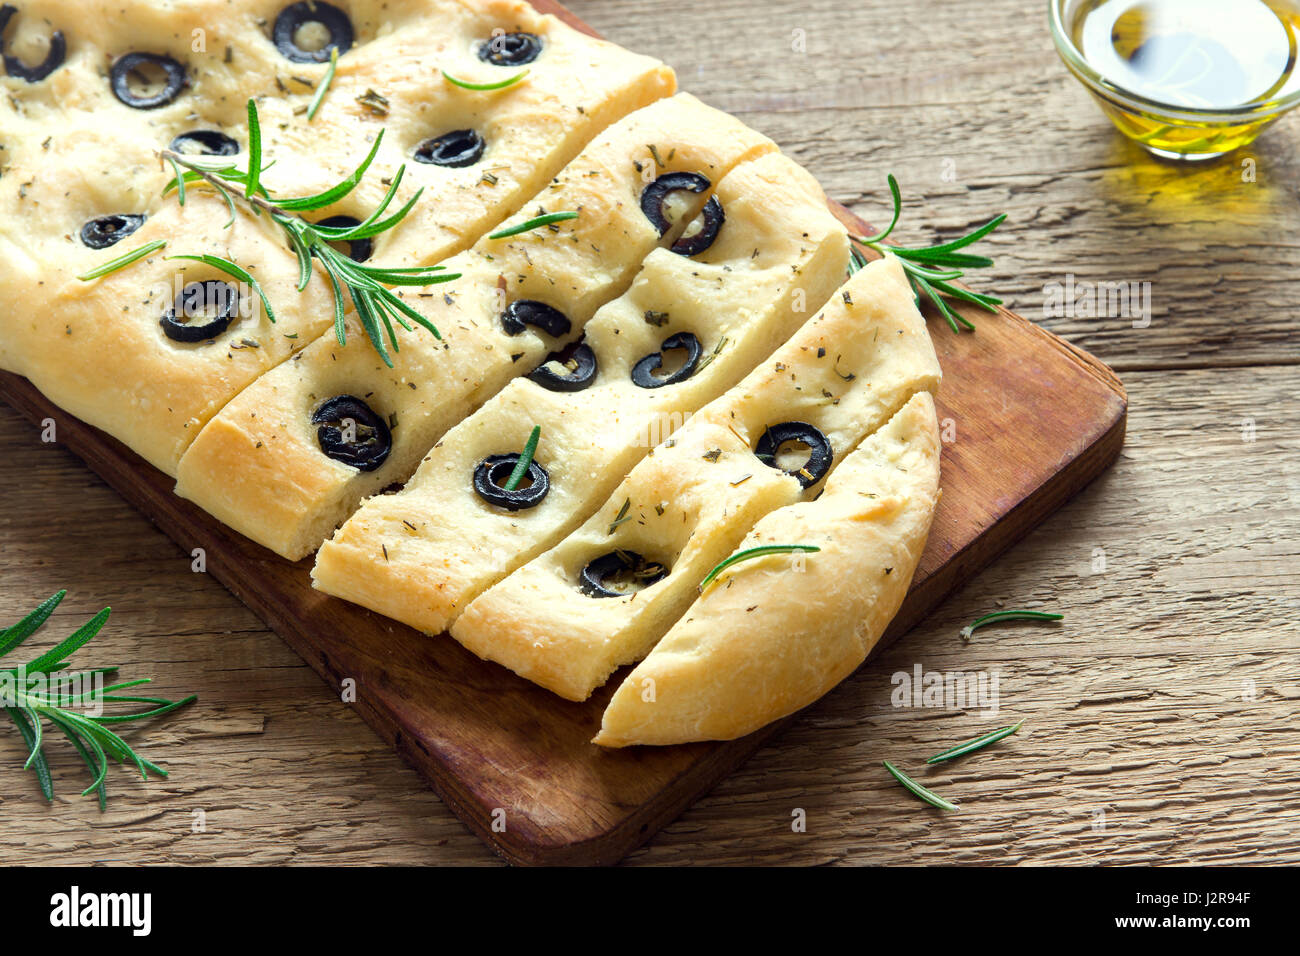 Italiano tradizionale focaccia con olive nere e rosmarino - piatti fatti in casa pane focaccia Immagini Stock